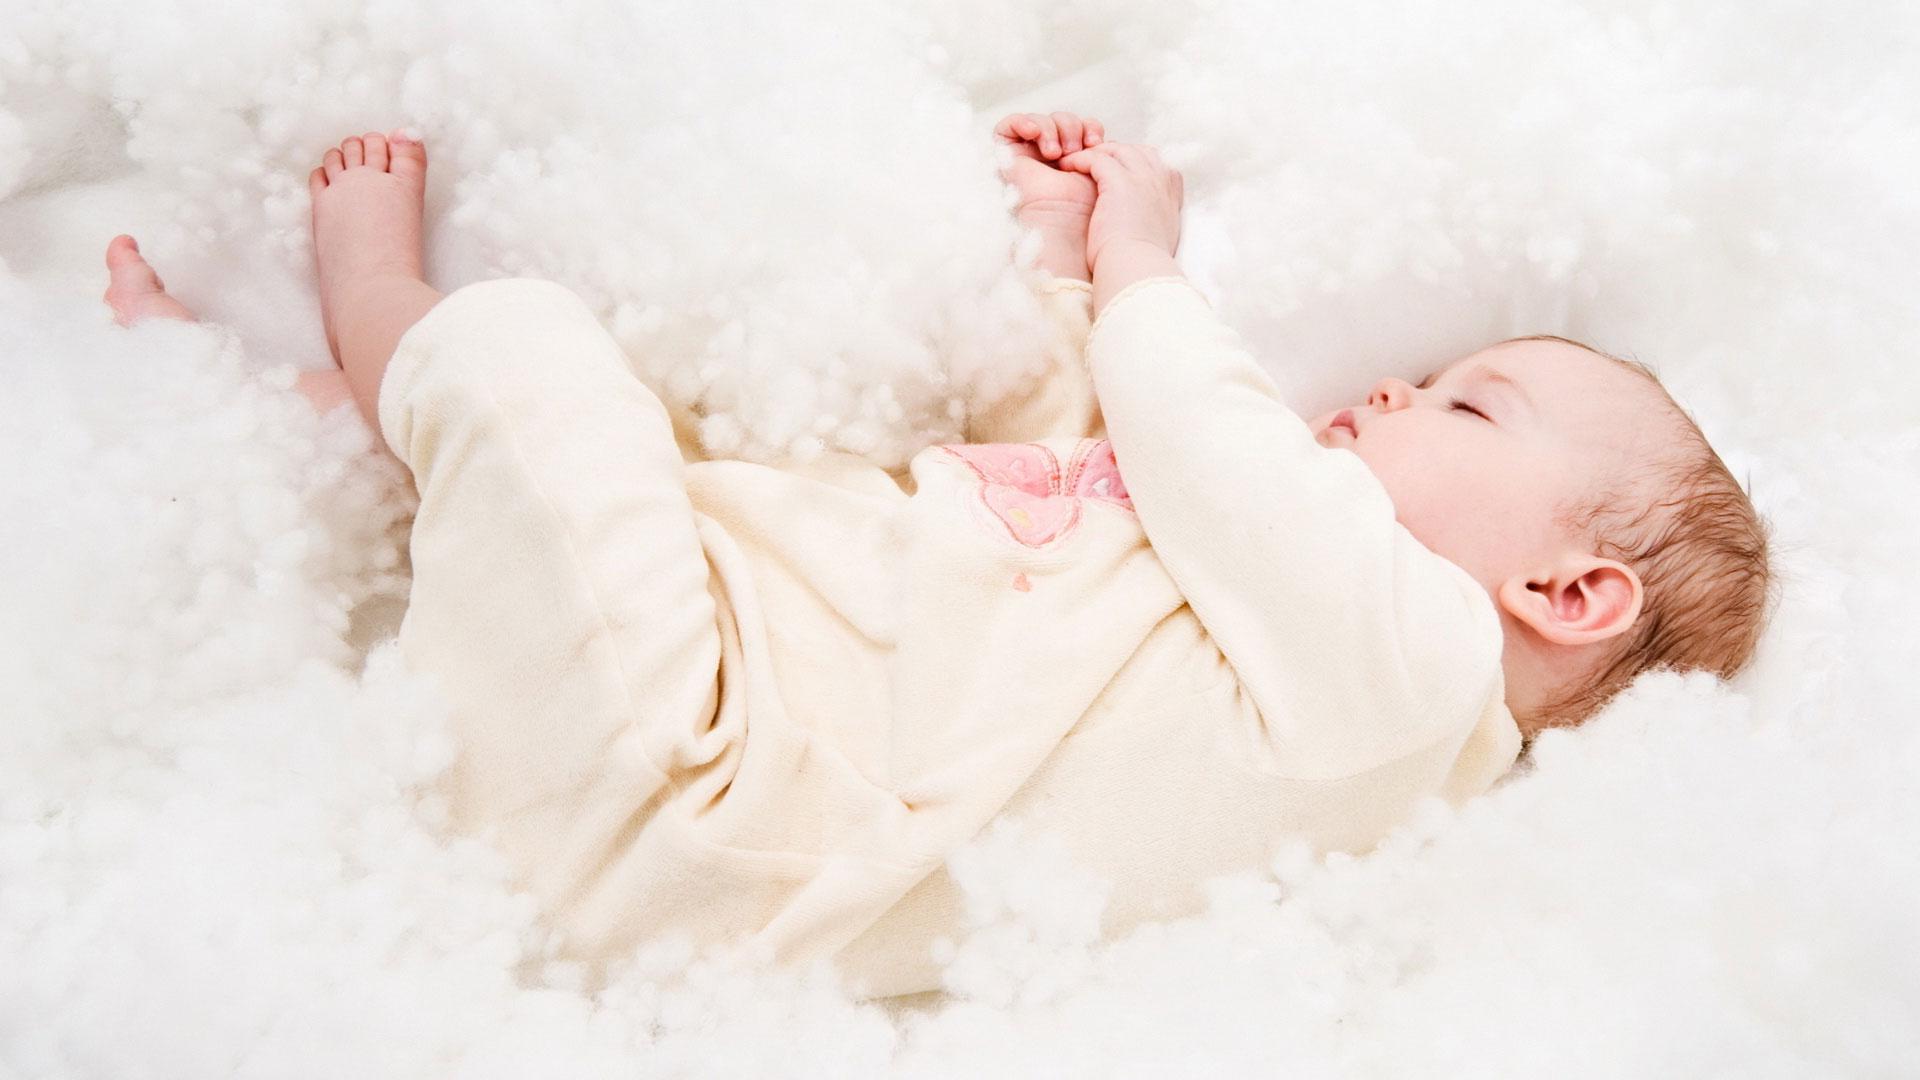 Можно ли делать рейки спящему ребенку